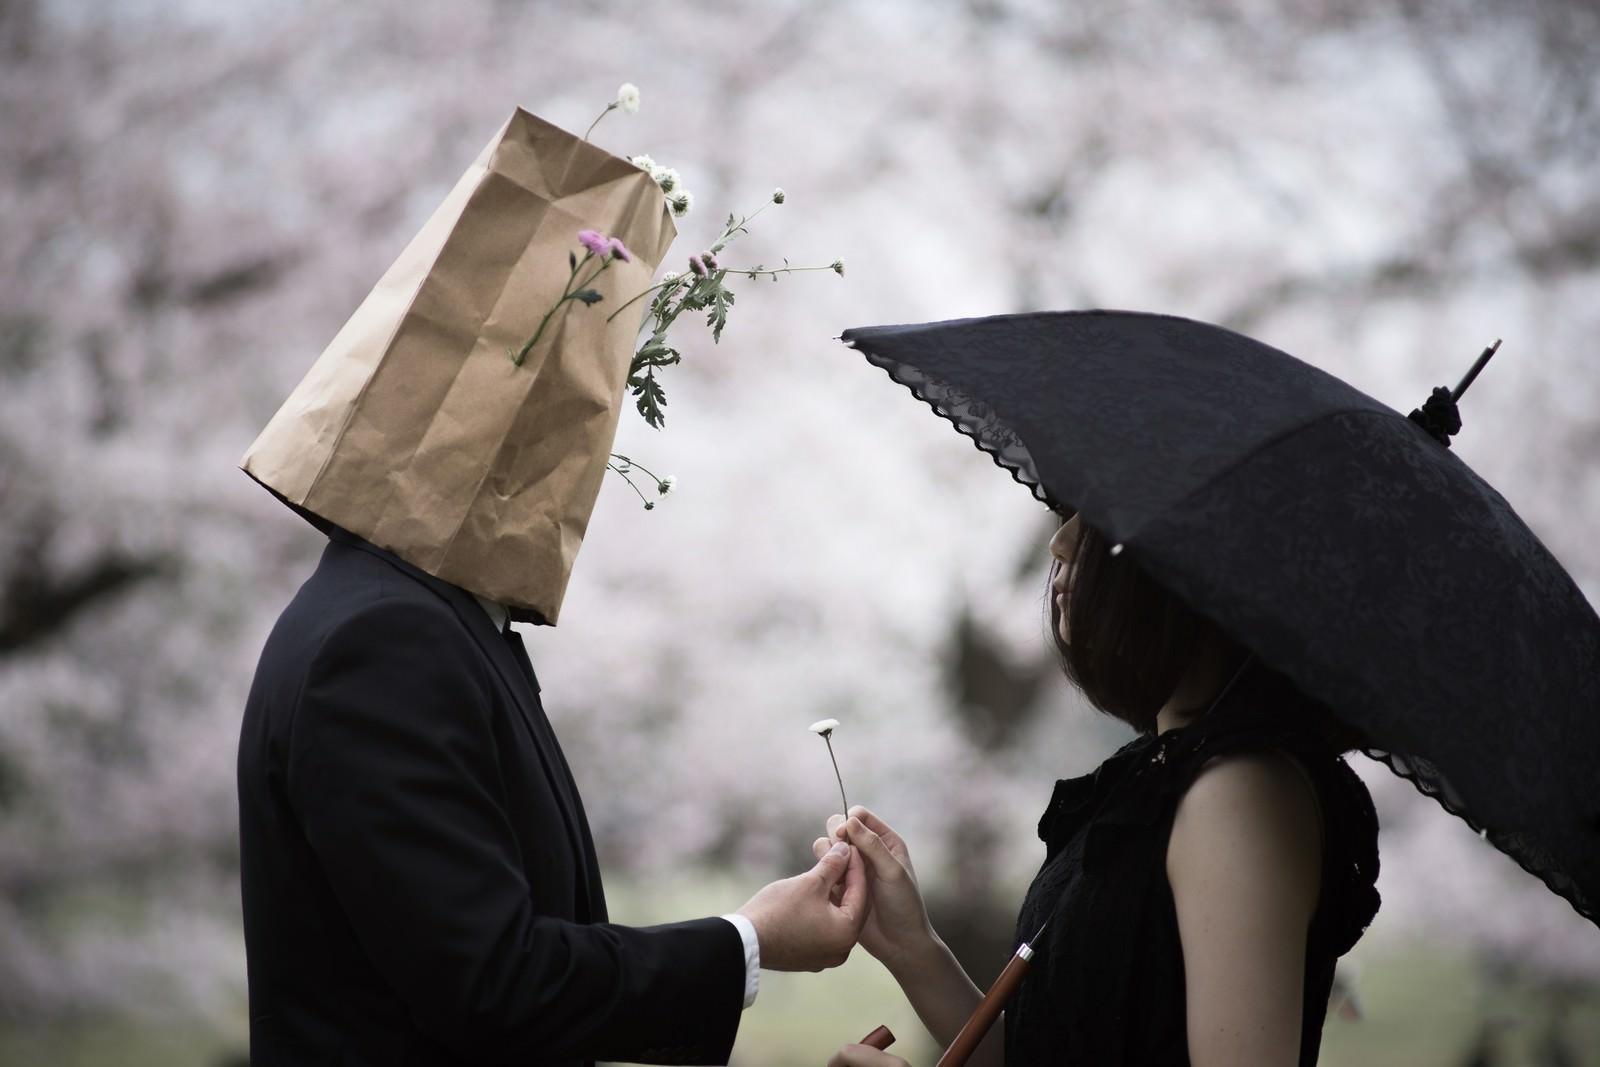 「摘んだお花を手渡す紙袋紳士」の写真